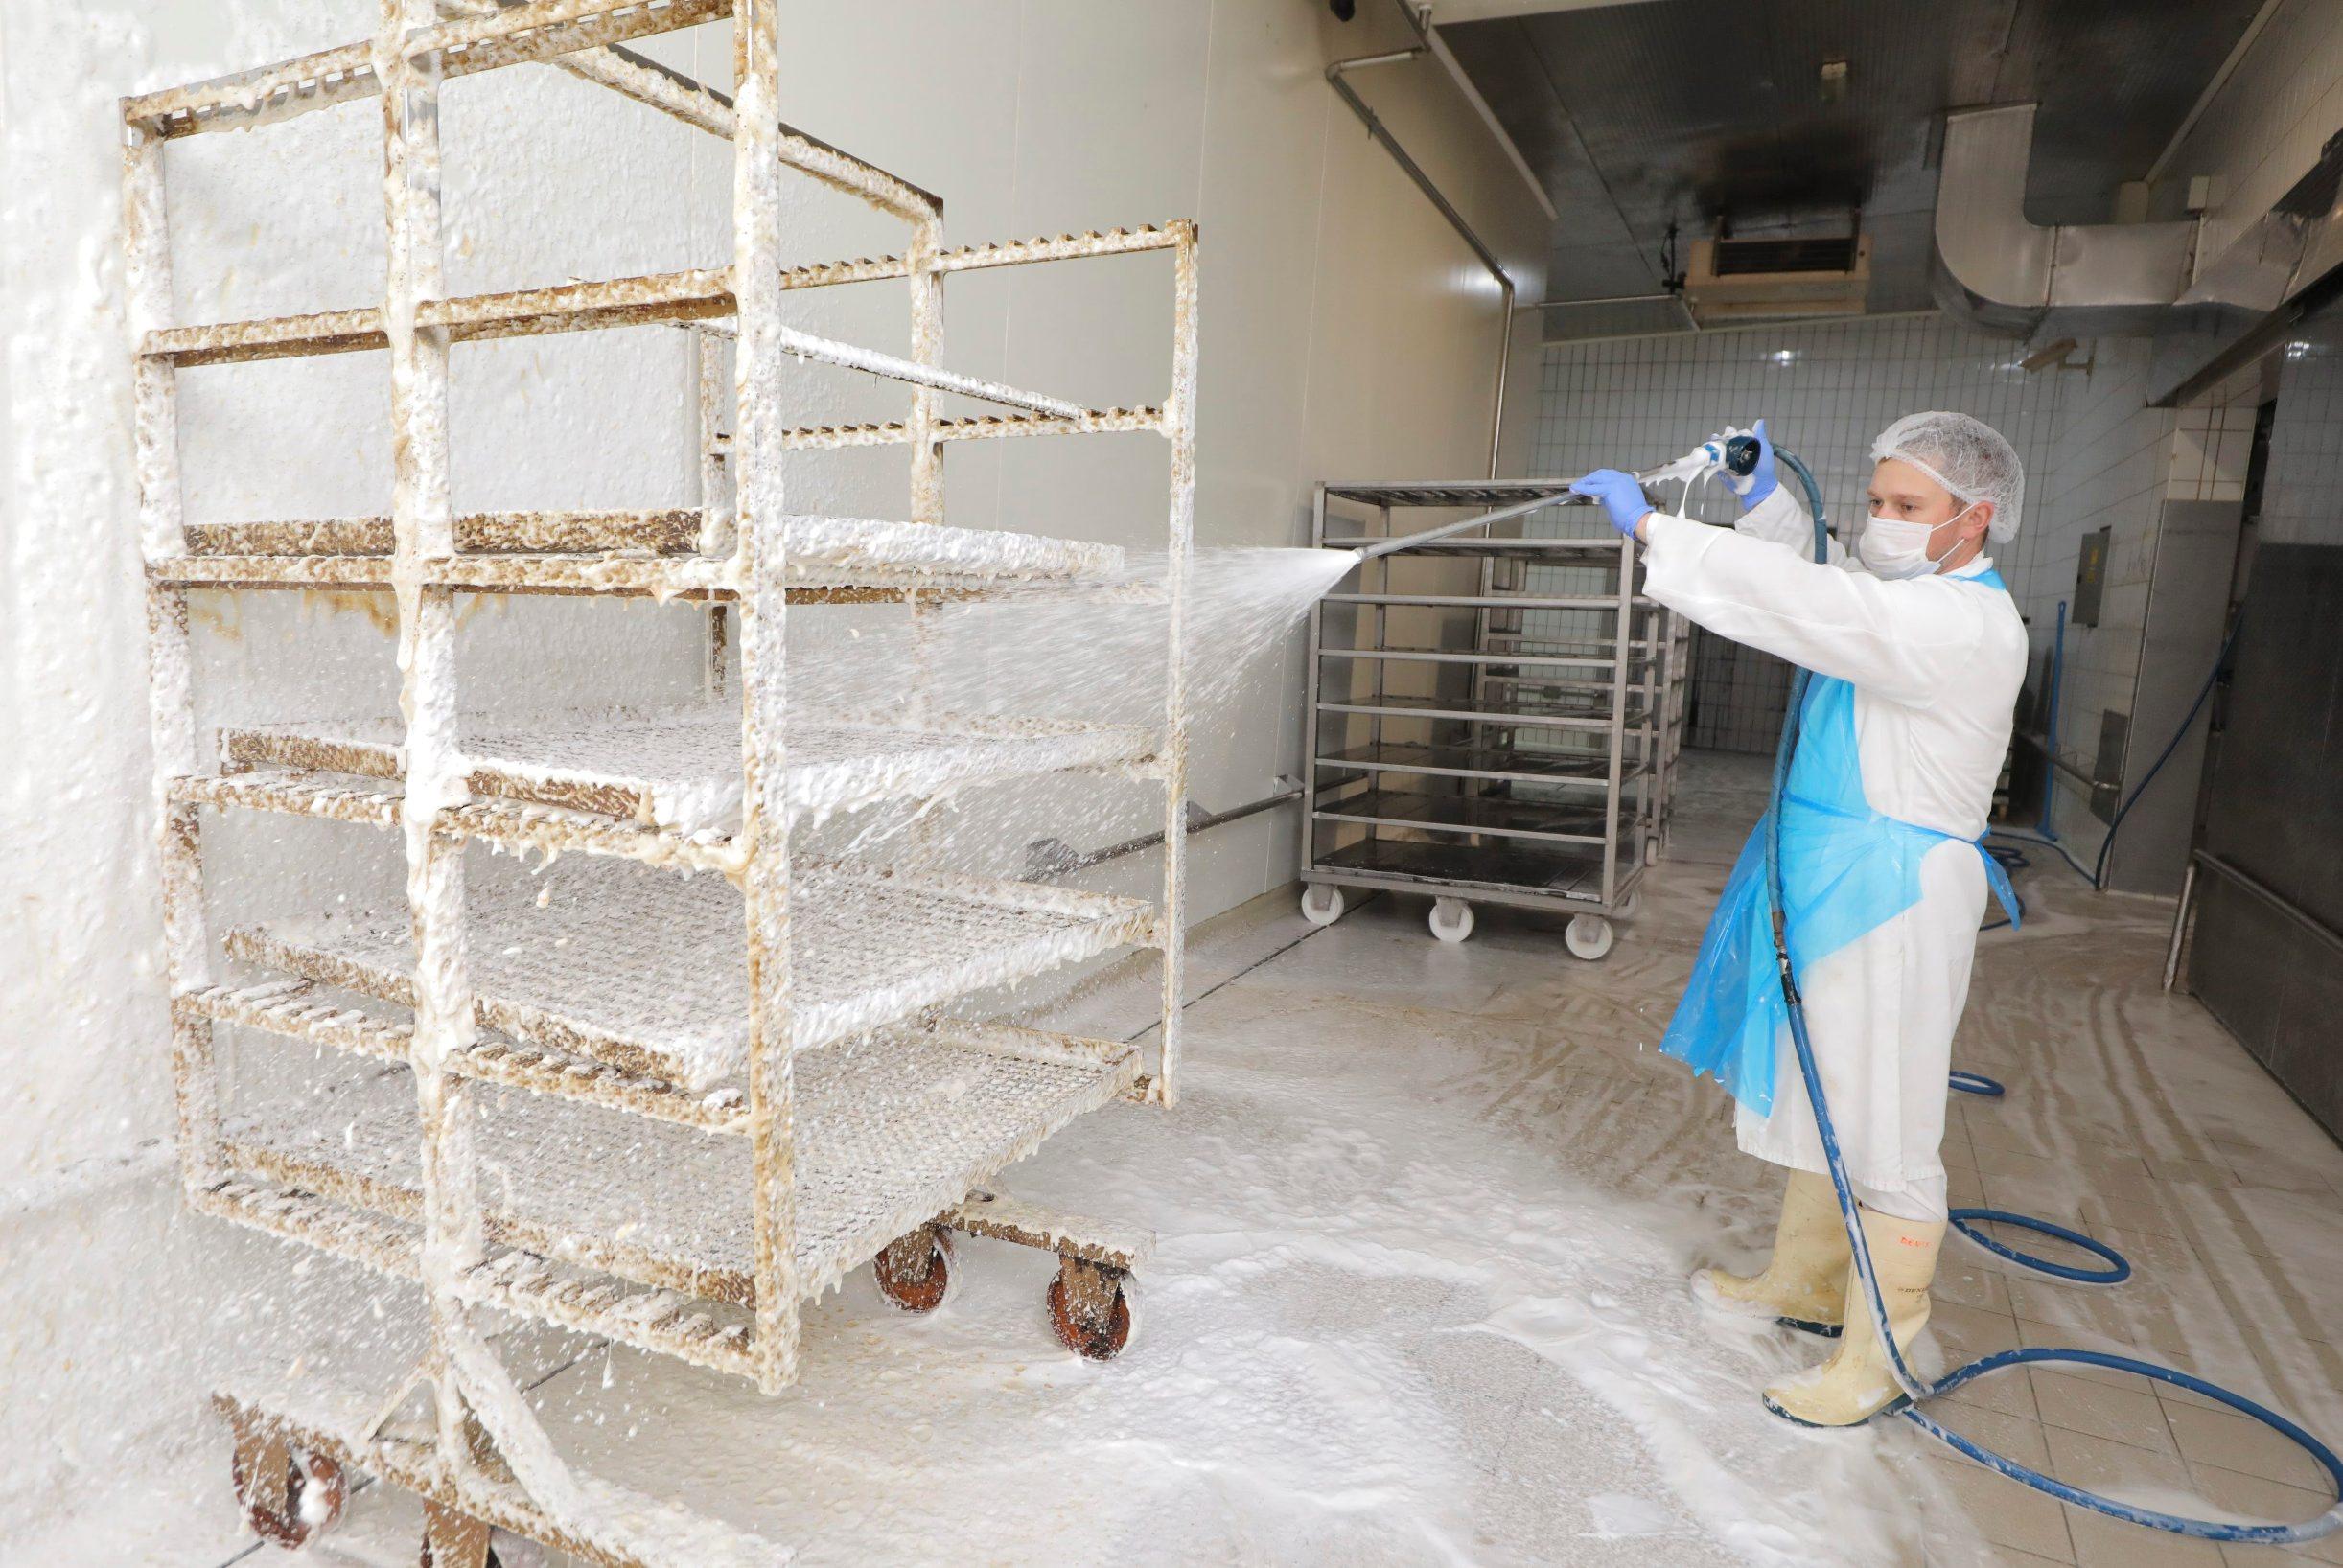 Krasic, 210820. Gornje Prekrizje 4. Velika reportaza s imanja mesnice Medven, prica s Milivojem Medvenom oko krize u mesnoj industriji. Na fotografiji: dezinfekcija. Foto: Zeljko Puhovski / CROPIX